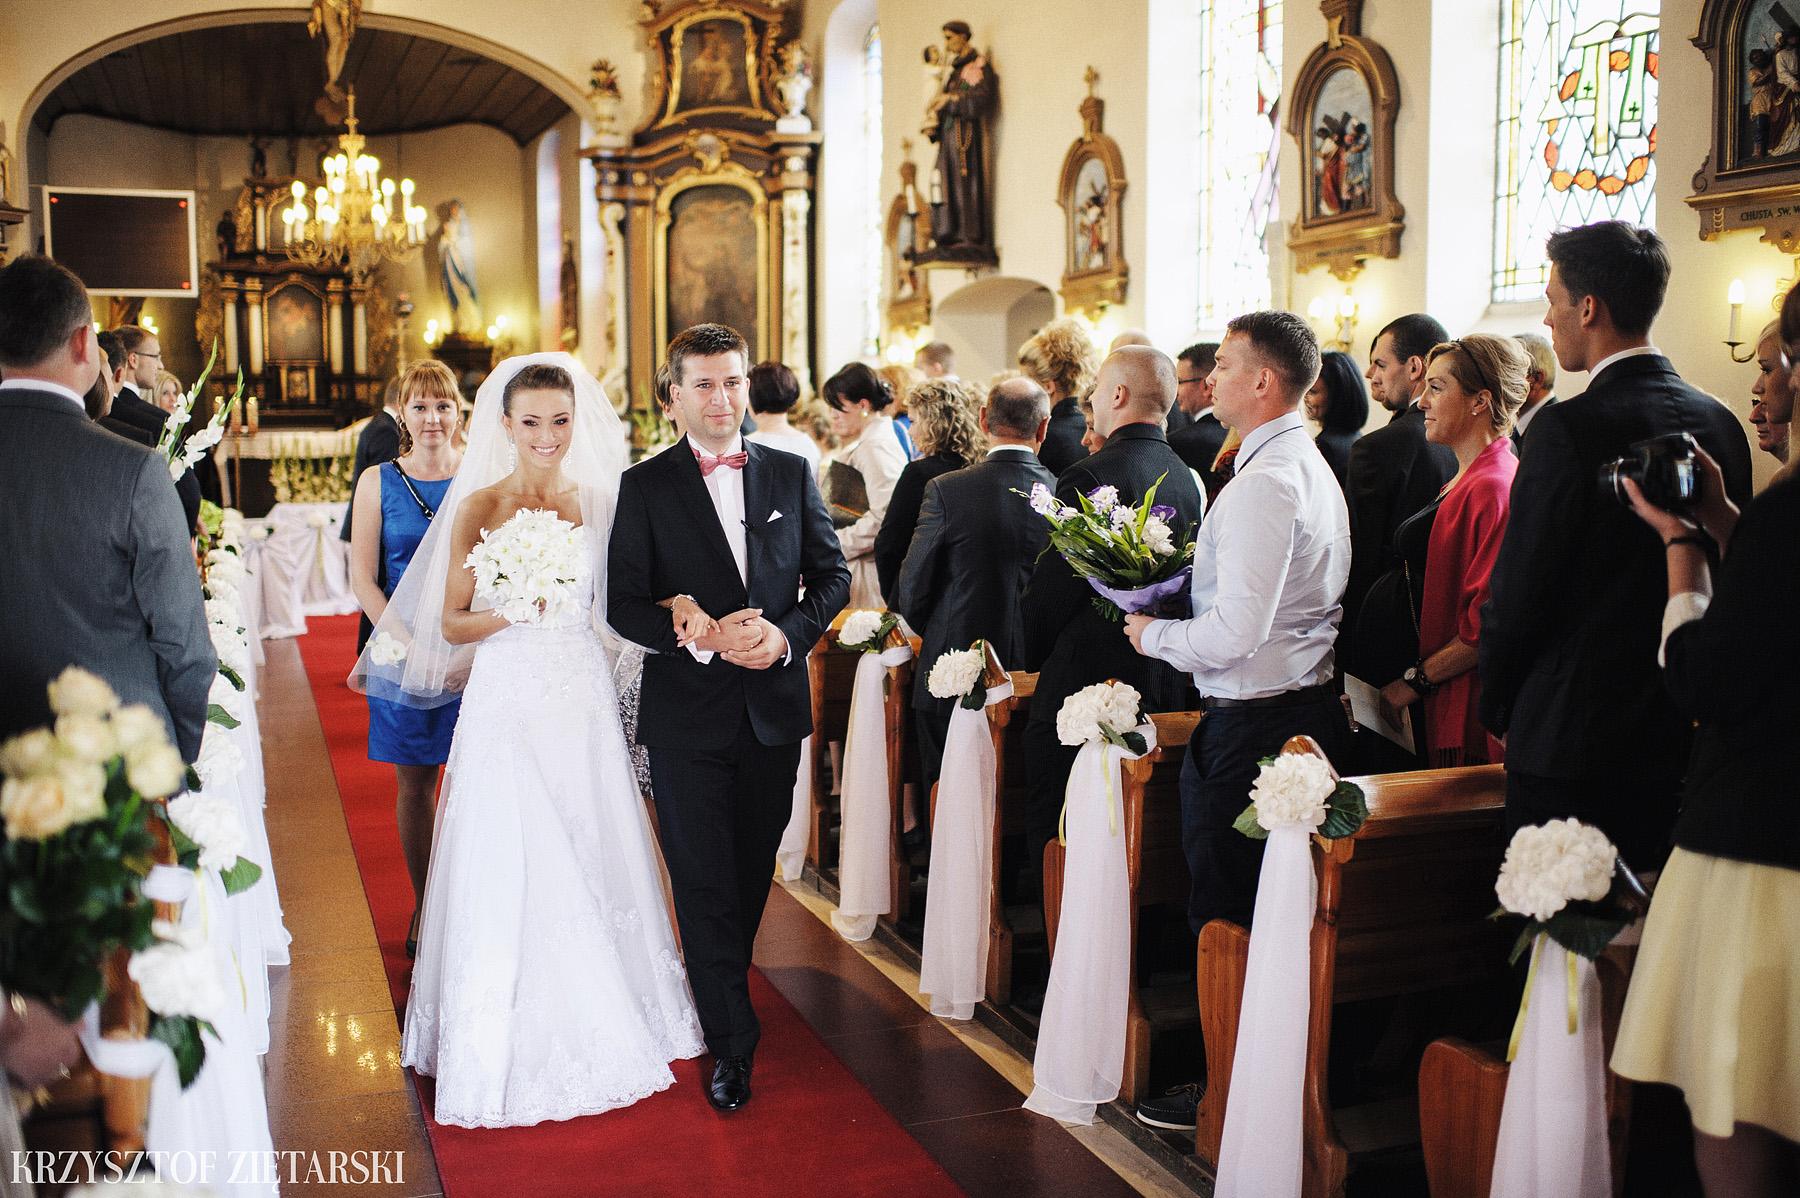 Karolina i Jacek - Fotografia ślubna Gdańsk, Chwaszczyno, Gościniec dla Przyjaciół Wyczechowo Hilary - 15.